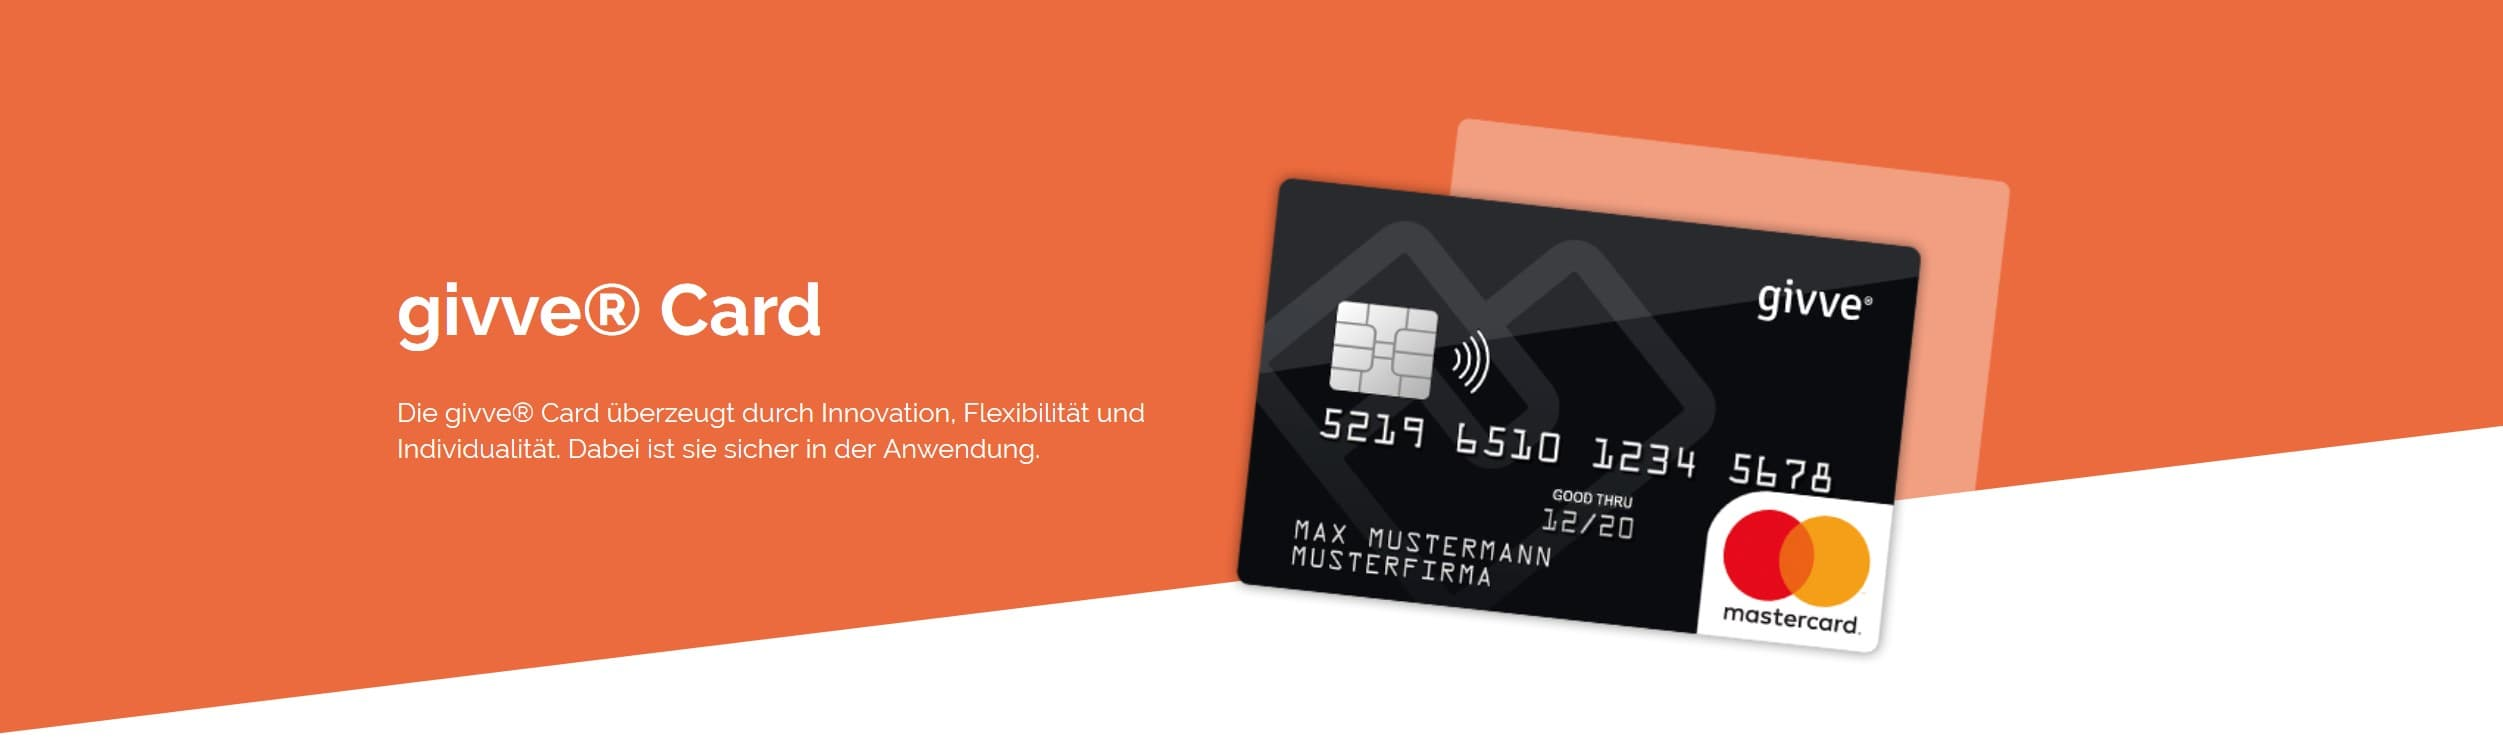 Sachbezug Beispiel Mitarbeiter Kreditkarte